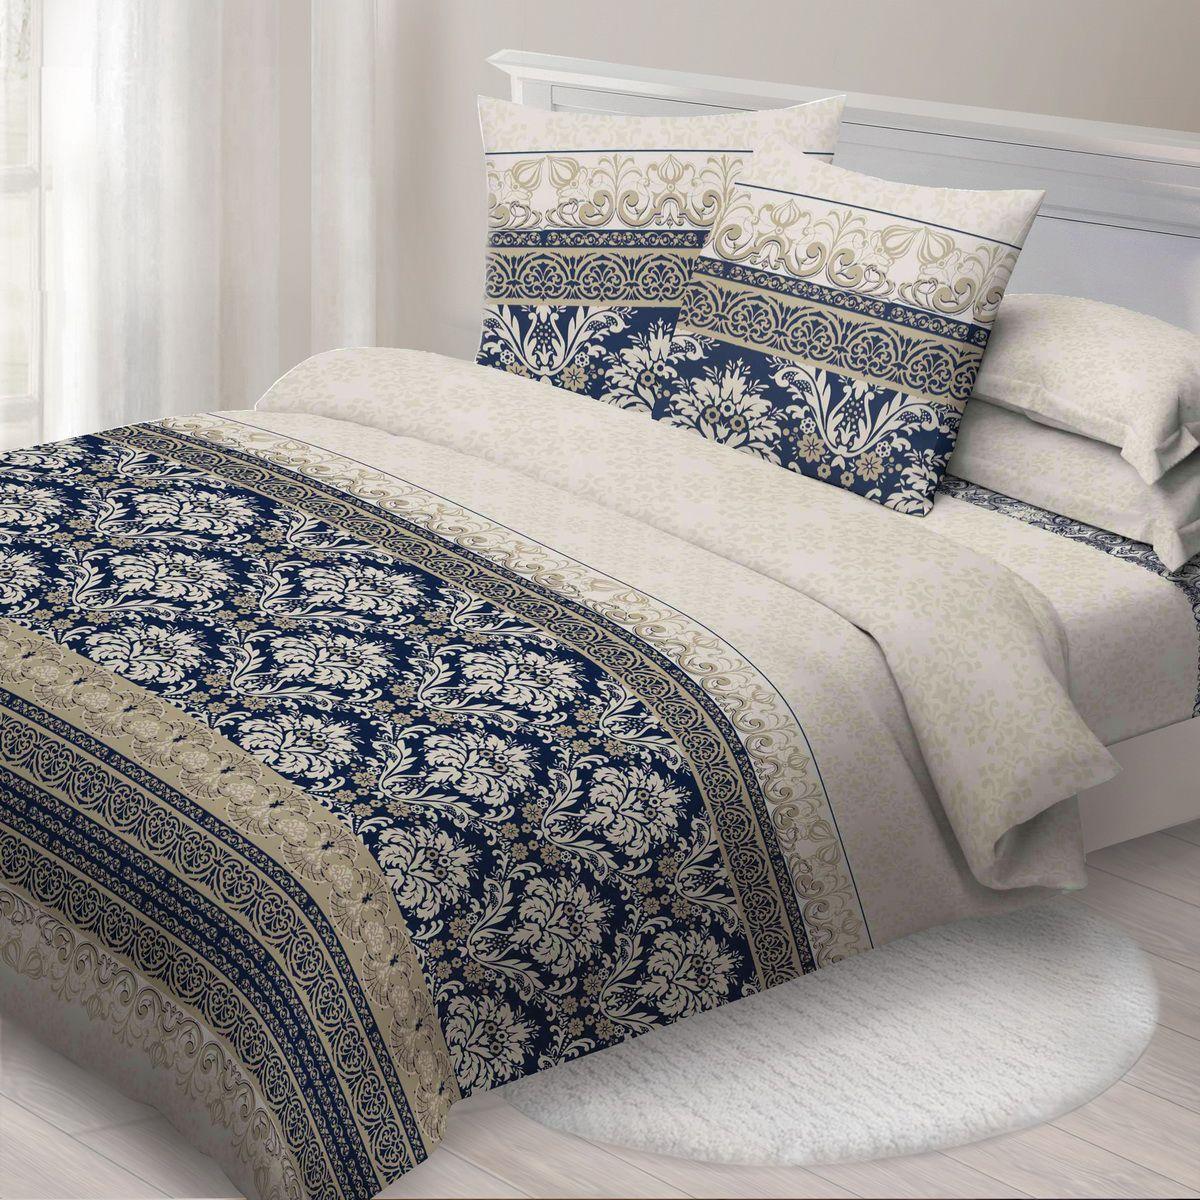 Комплект белья Спал Спалыч Гран При, 1,5-спальное, наволочки 70x70, цвет: синий87869Спал Спалыч - недорогое, но качественное постельное белье из белорусской бязи. Актуальные дизайны, авторская упаковка в сочетании с качественными материалами и приемлемой ценой - залог успеха Спал Спалыча!В ассортименте широкая линейка домашнего текстиля для всей семьи - современные дизайны современному покупателю! Ткань обработана по технологии PERFECT WAY - благодаря чему, она становится более гладкой и шелковистой.• Бязь Барановичи 100% хлопок• Плотность ткани - 125 гр/кв.м.